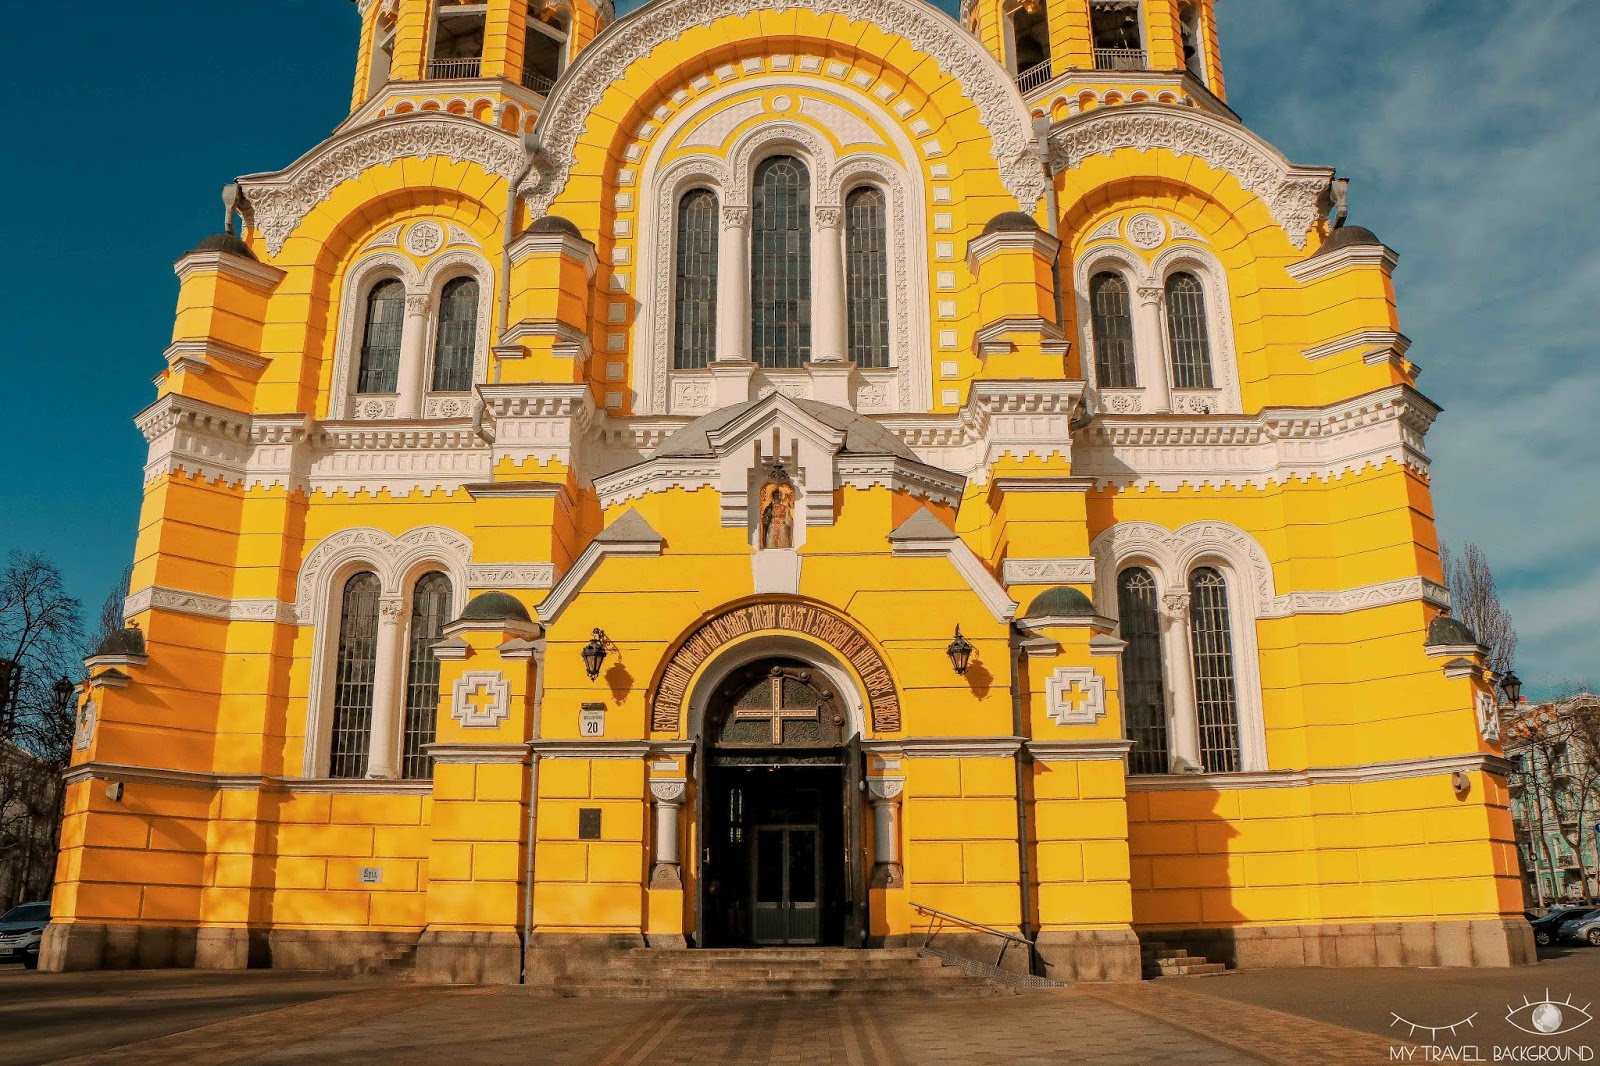 My Travel Background : visiter Kiev, la capitale de l'Ukraine, top 10 - Cathédrale Saint-Vladimir